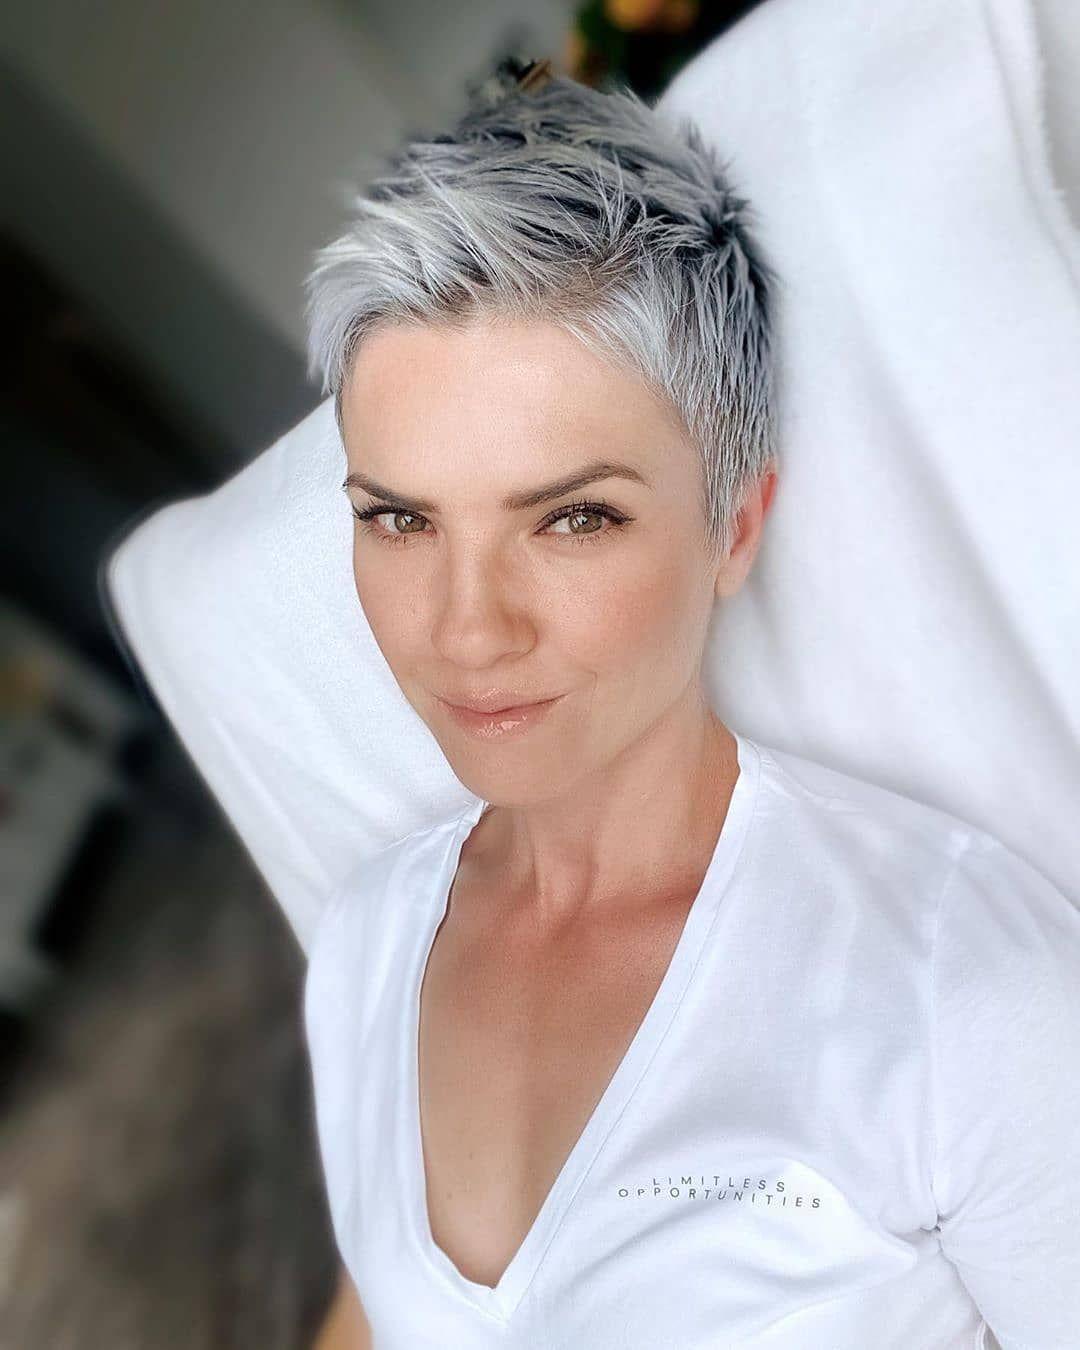 100 Ideeen Over Kapsels 121 Zilver Grijs Haar In 2021 Kapsels Grijs Haar Haar